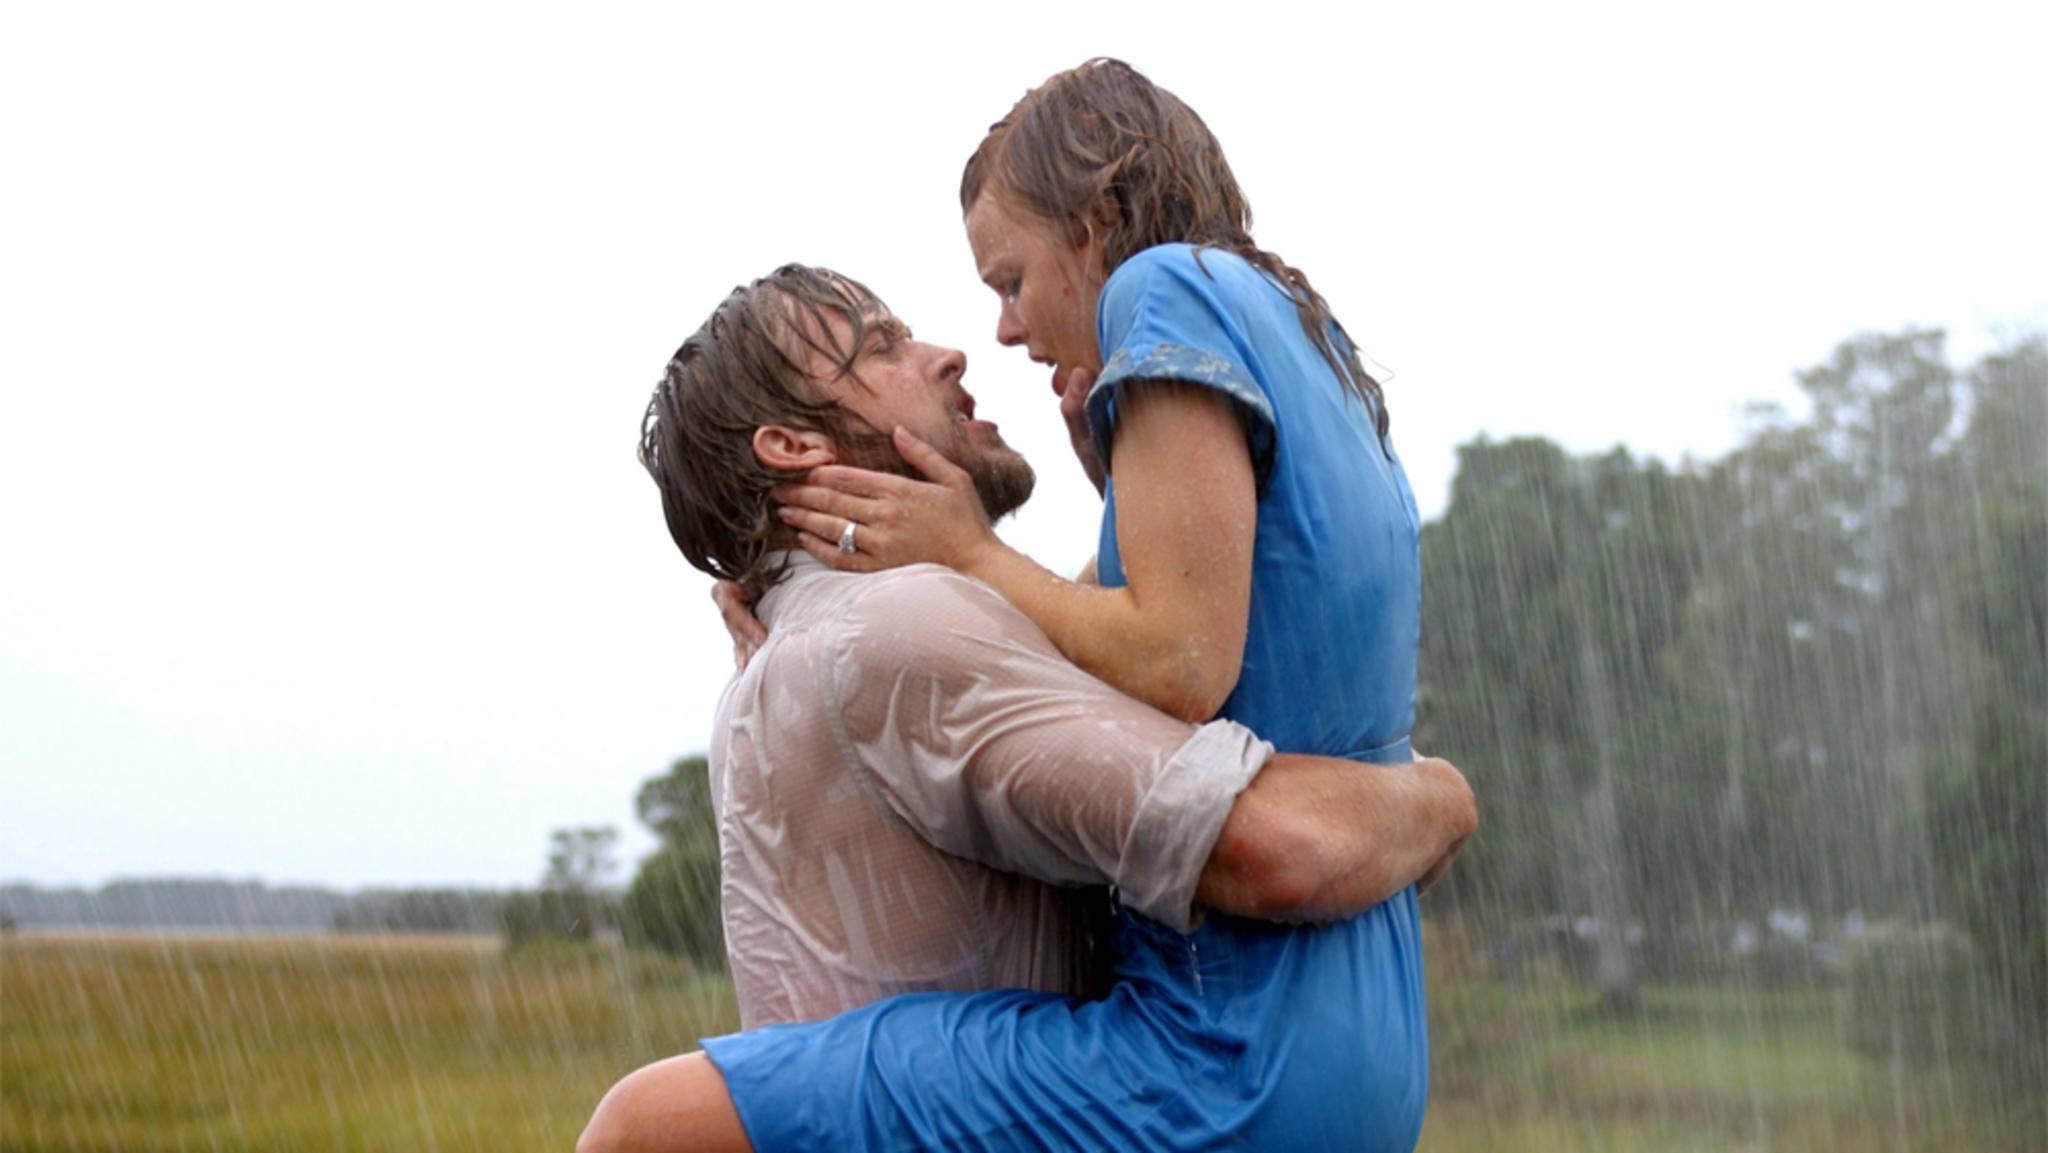 Küsse im Regen sind nur in Liebesfilmen romantisch.